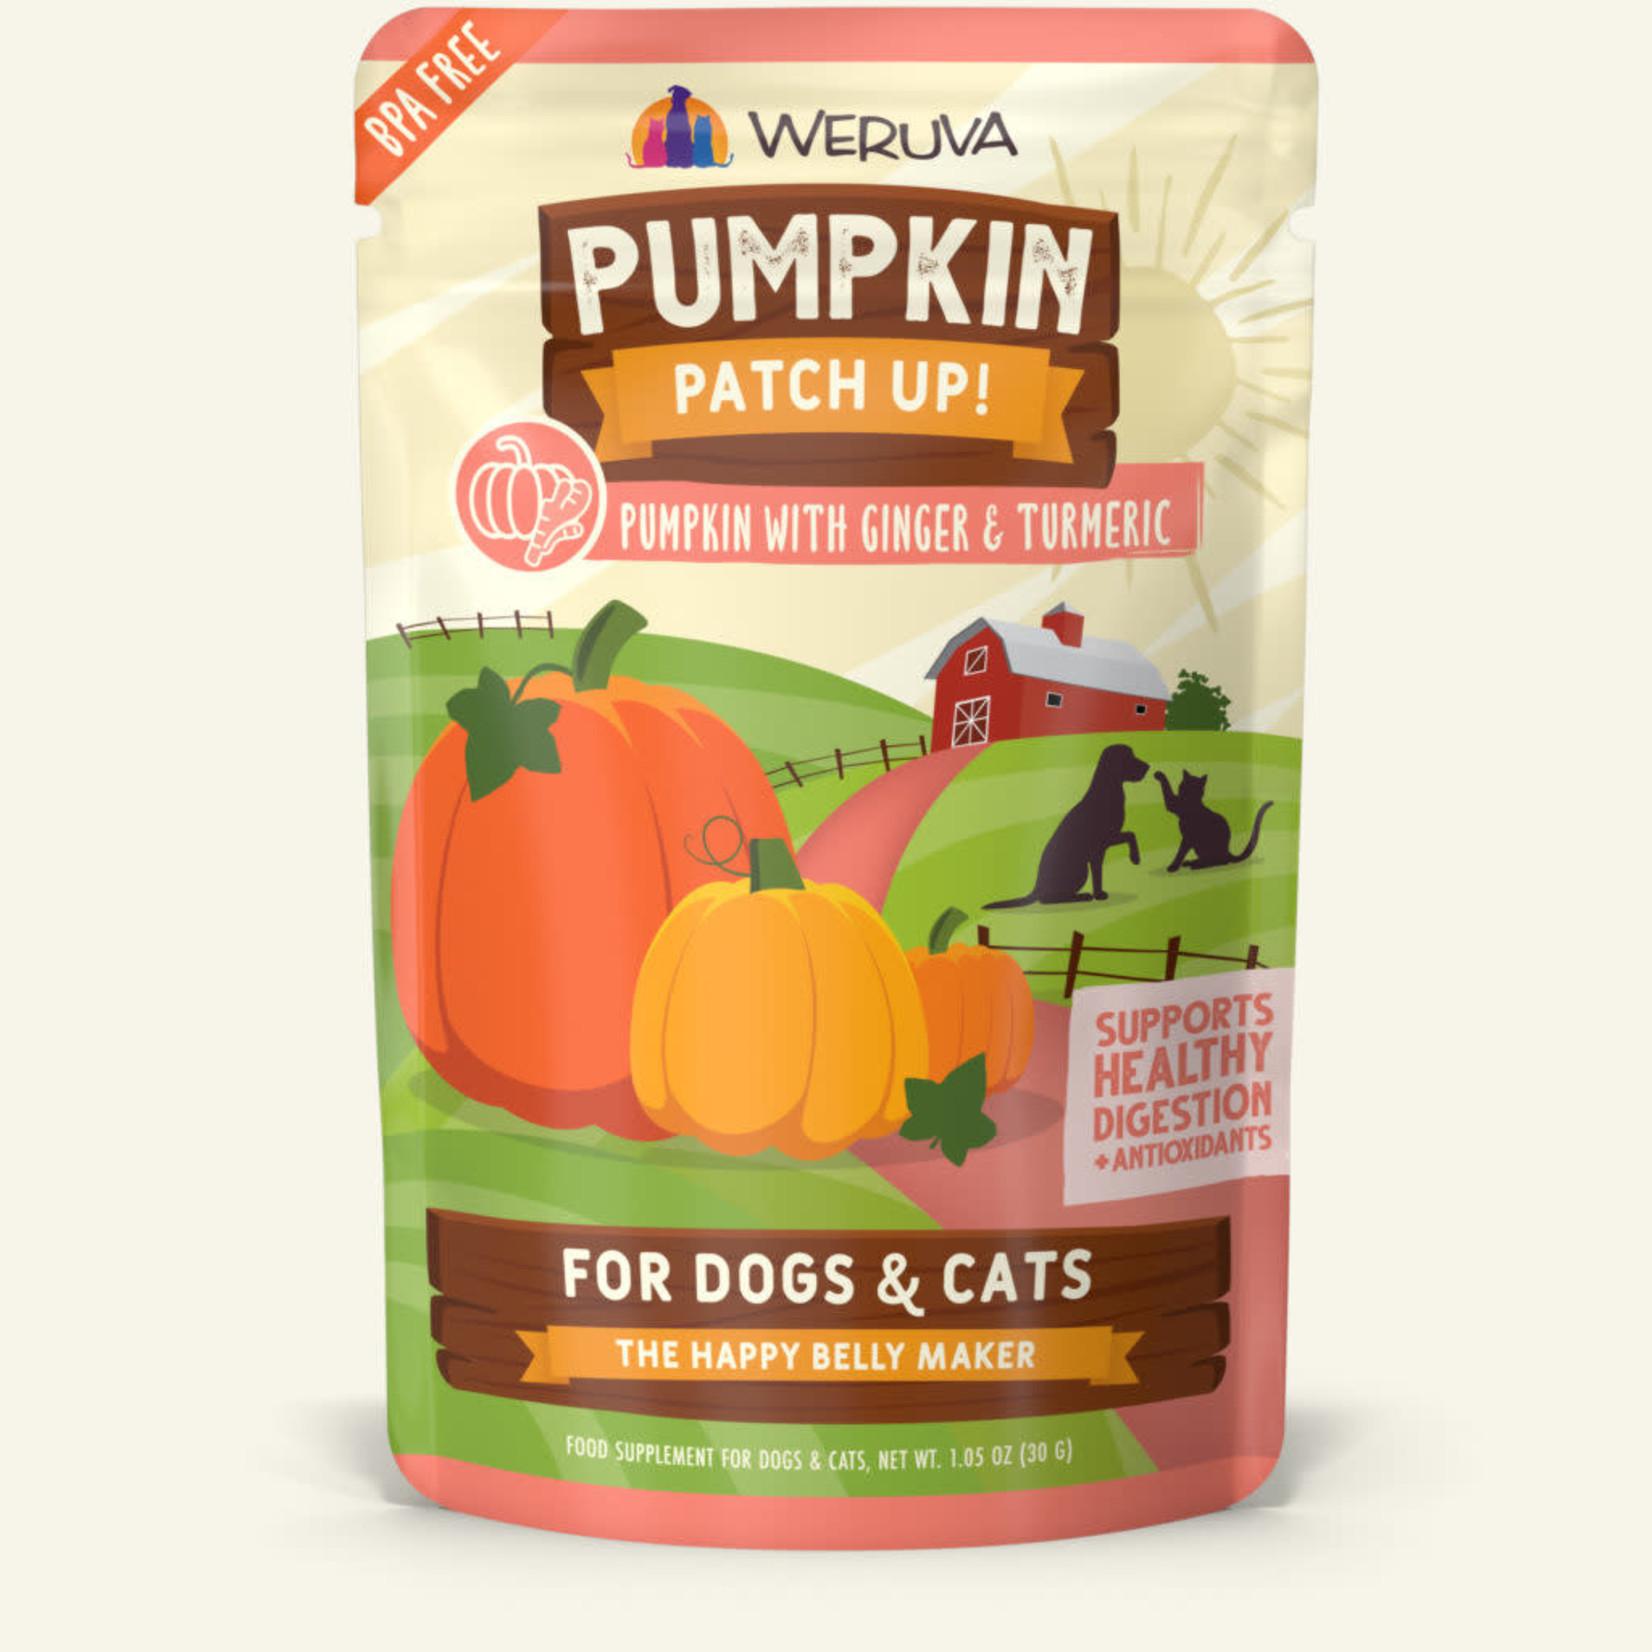 Weruva Inc. Weruva Pumpkin Patch Up Ginger & Turmeric 2.8 OZ